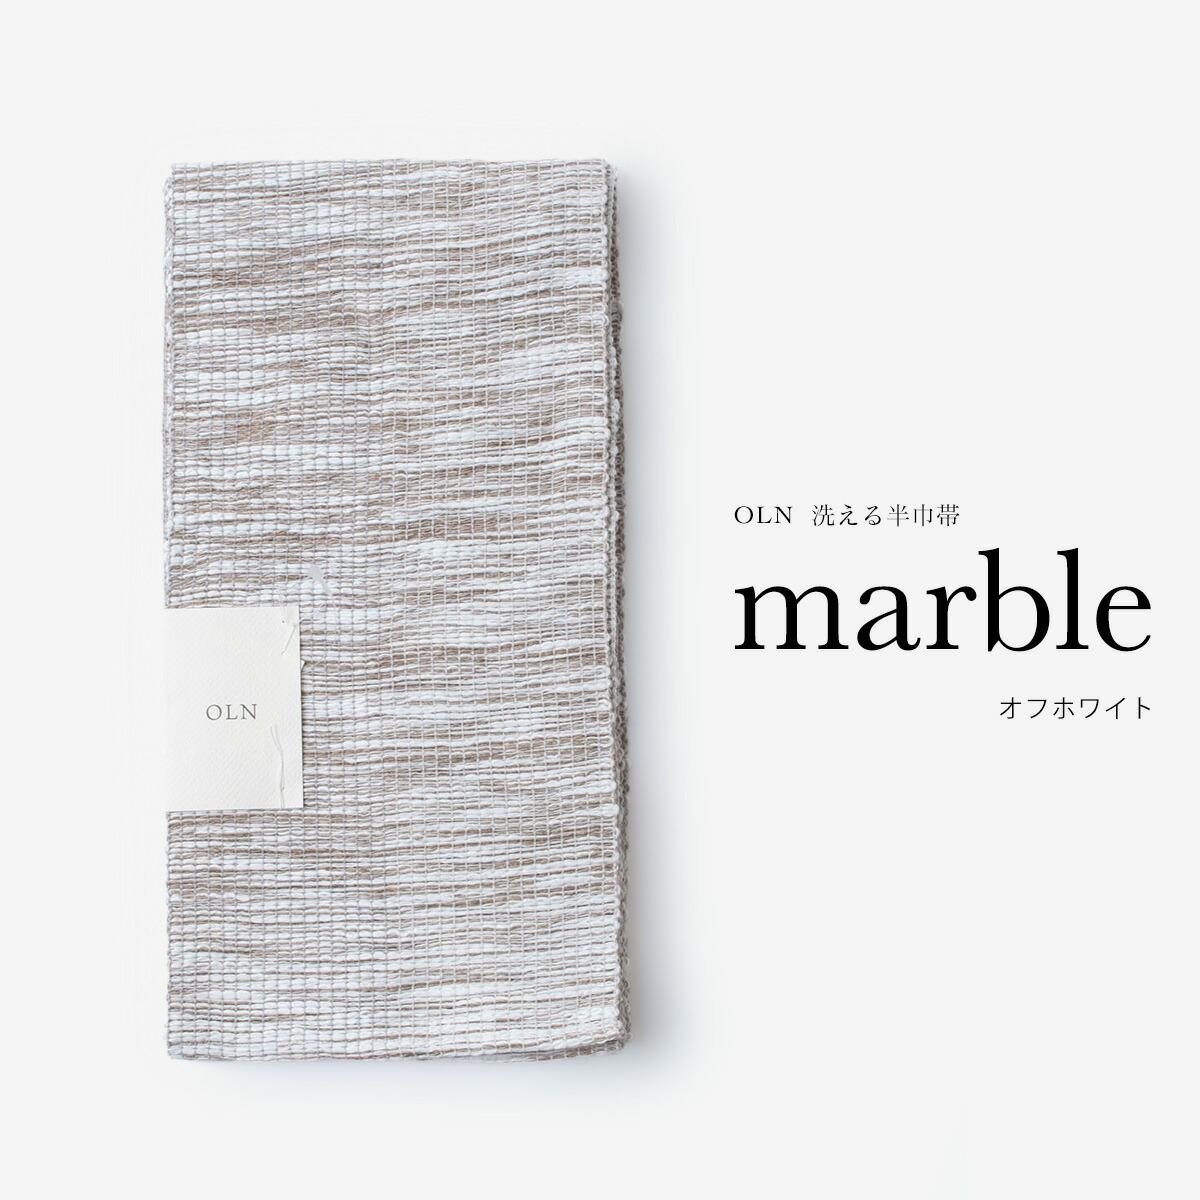 着物屋 くるり OLN 洗える半巾帯 marble ホワイト